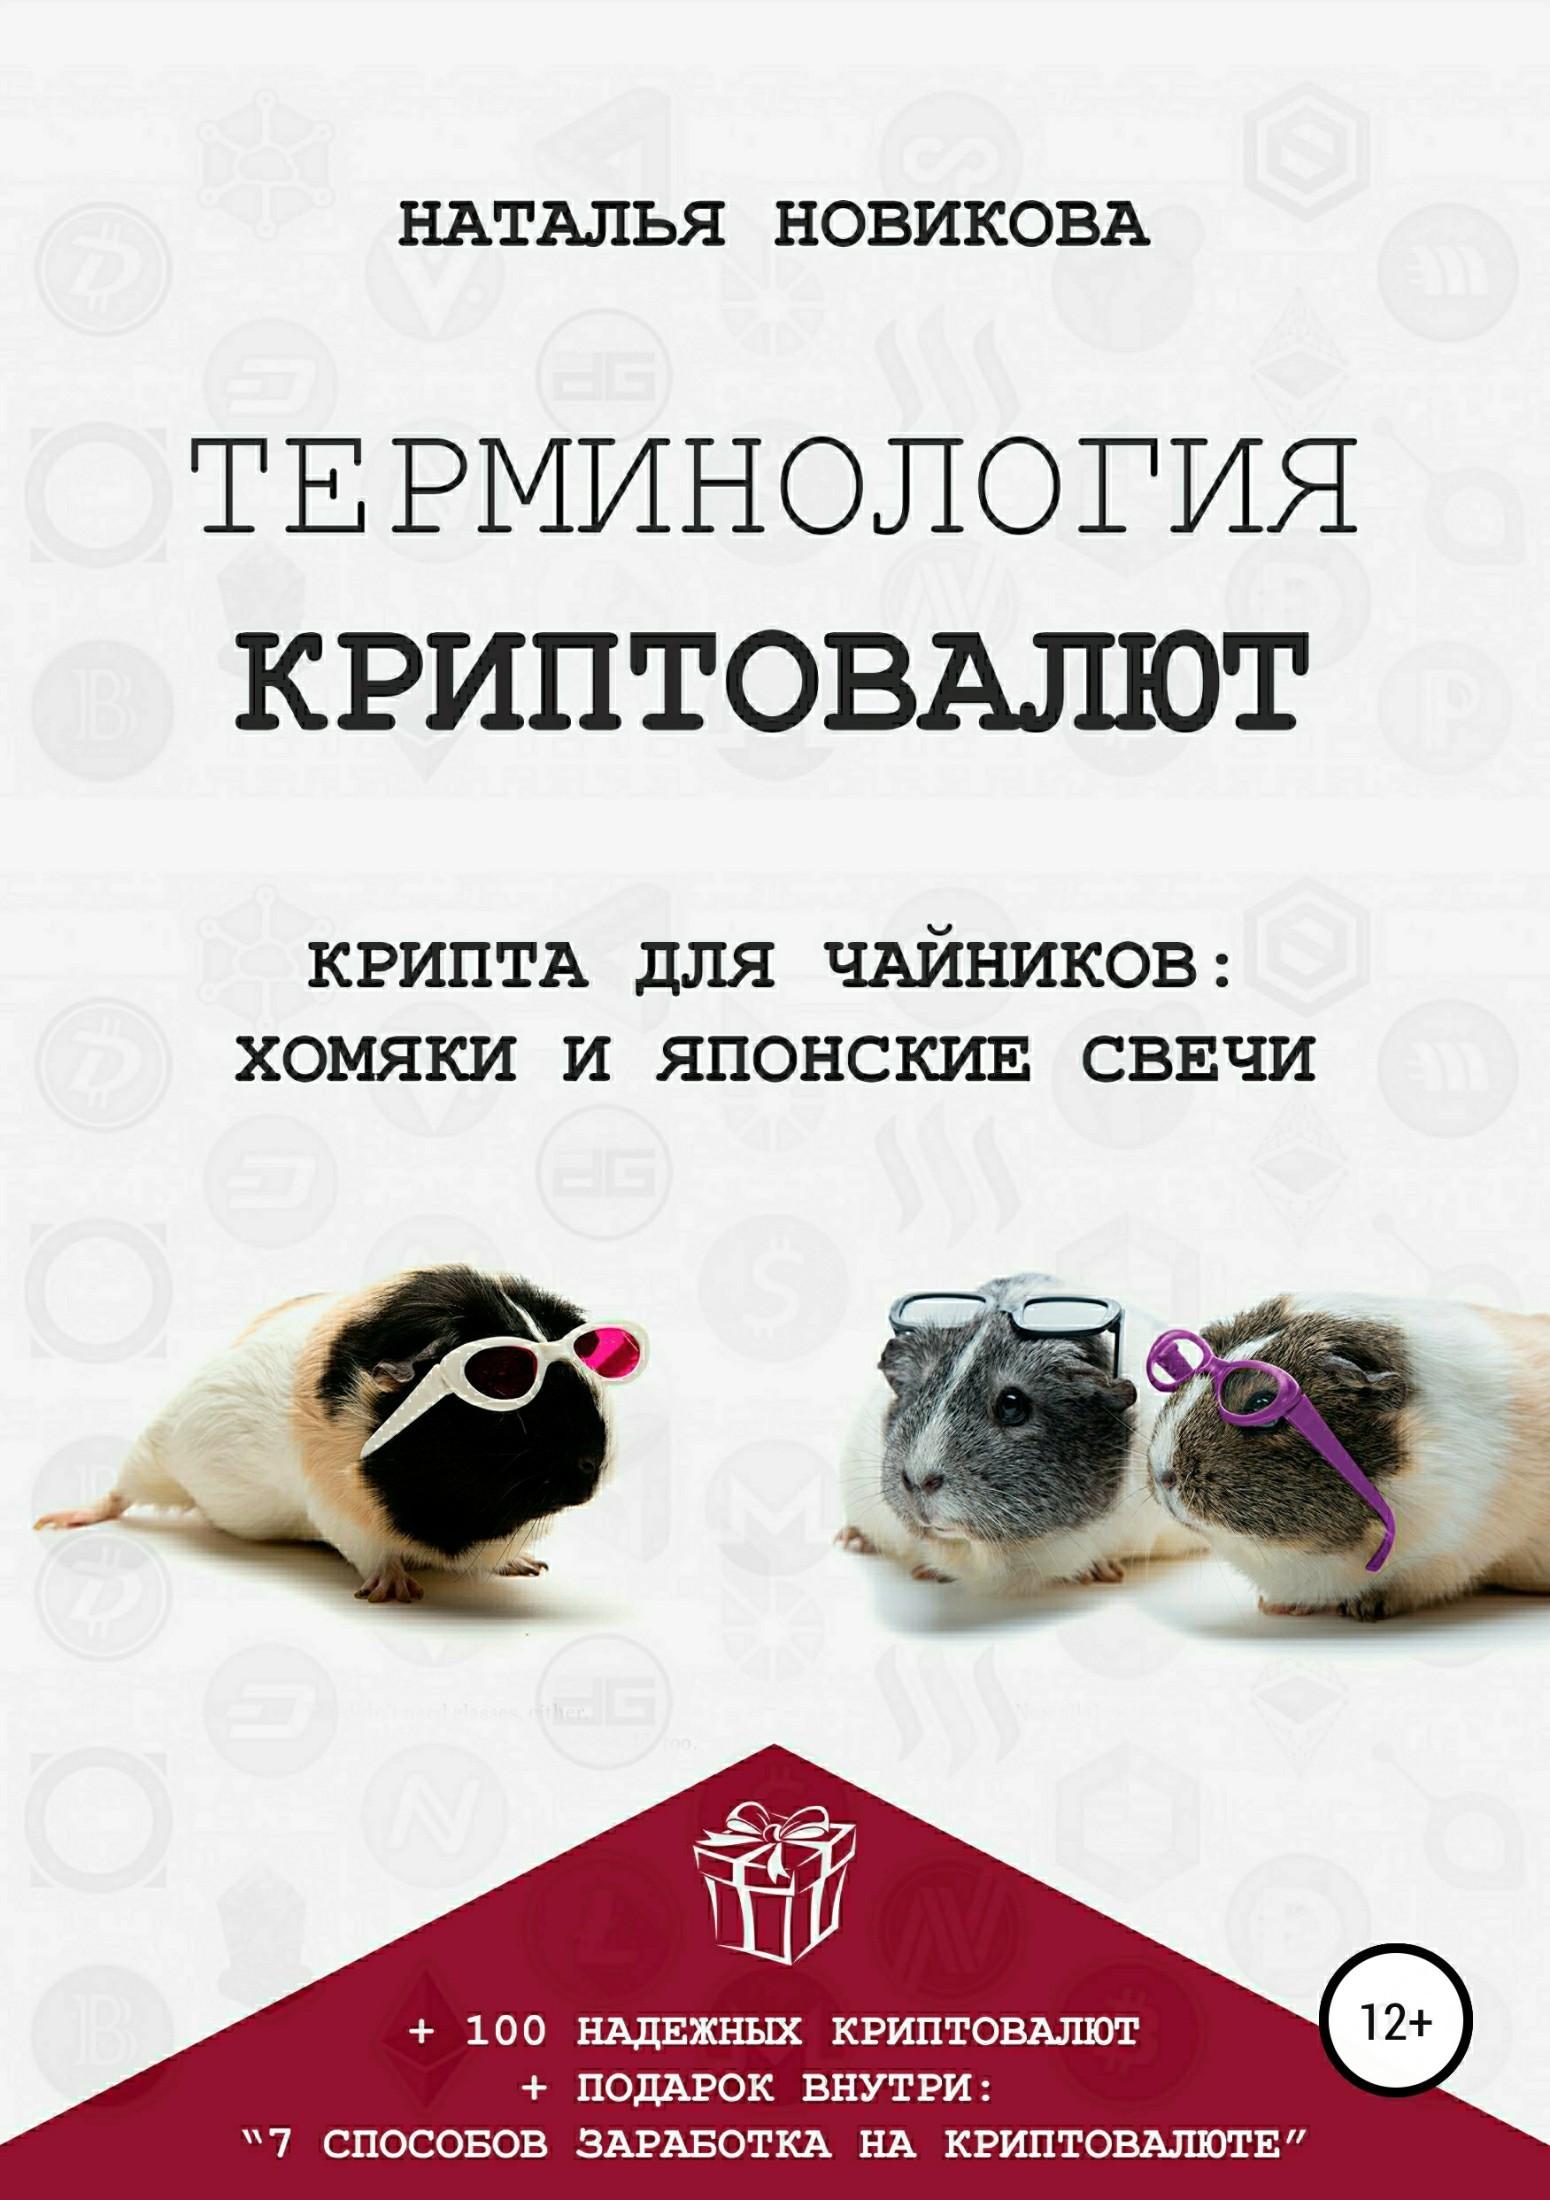 Обложка книги. Автор - Наталья Новикова